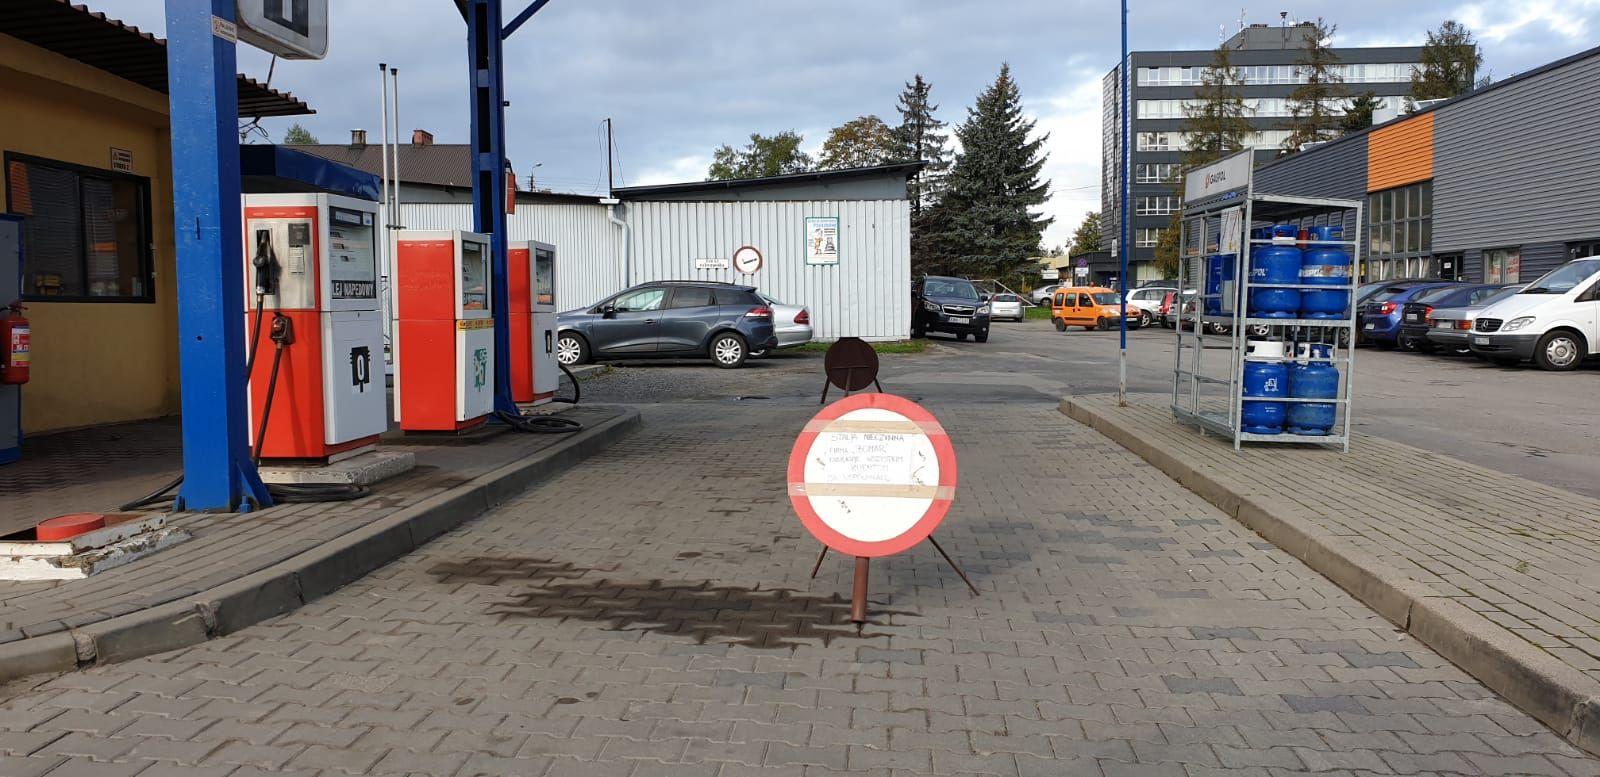 Zamknięta stacja paliw w Andrychowie